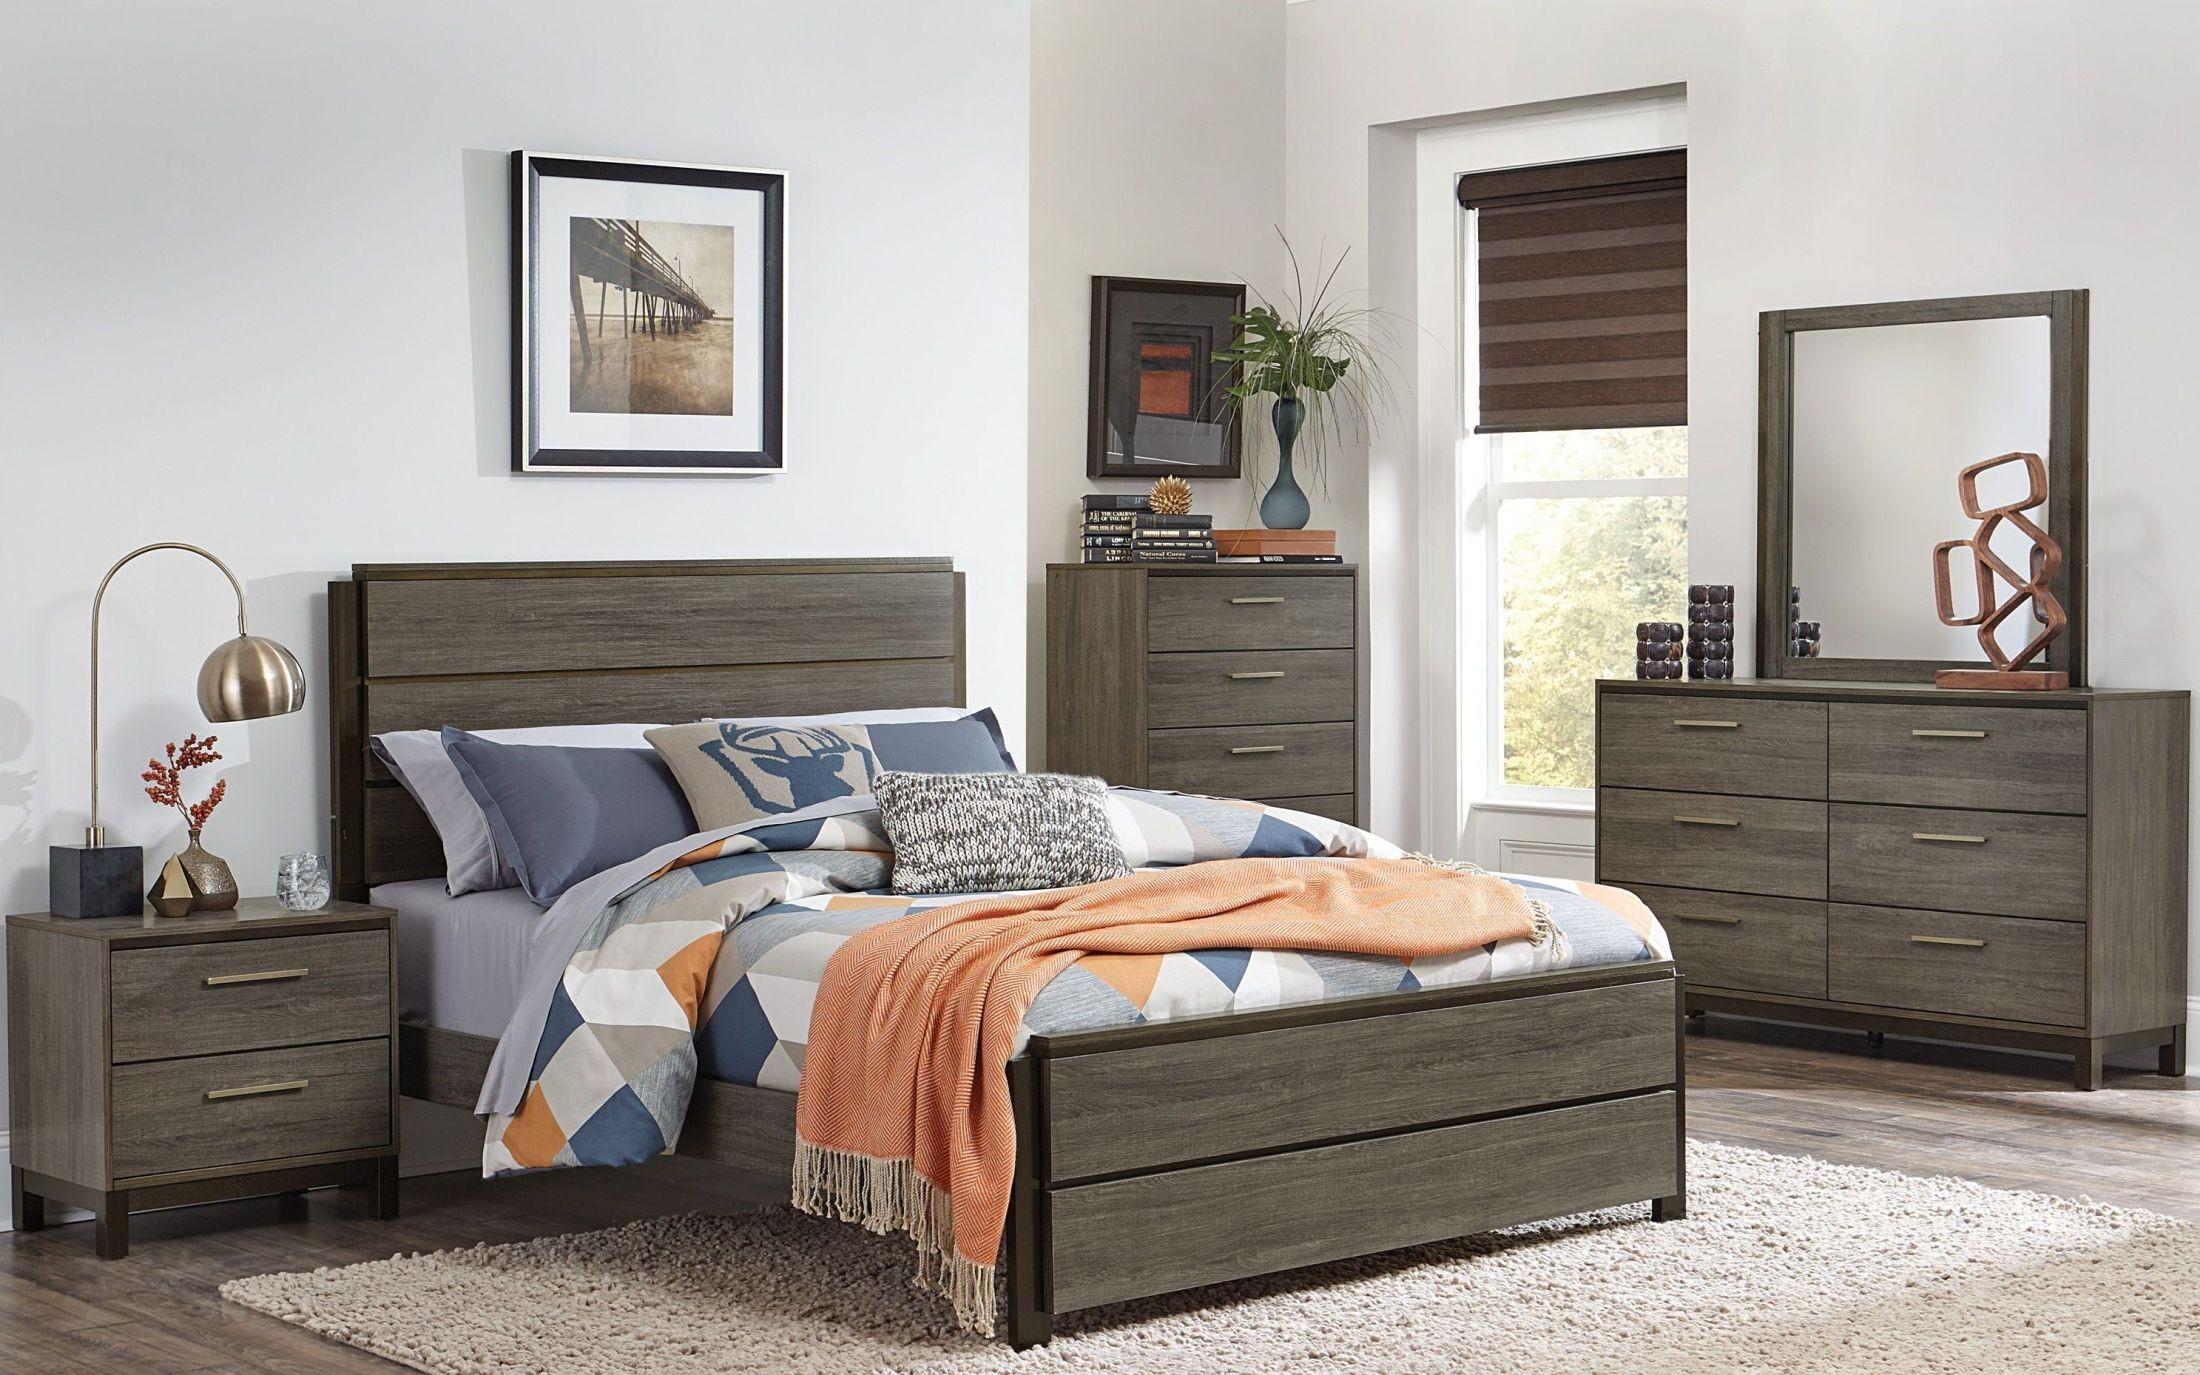 Vestavia Gray Panel Bedroom Set from Homelegance | Coleman Furniture